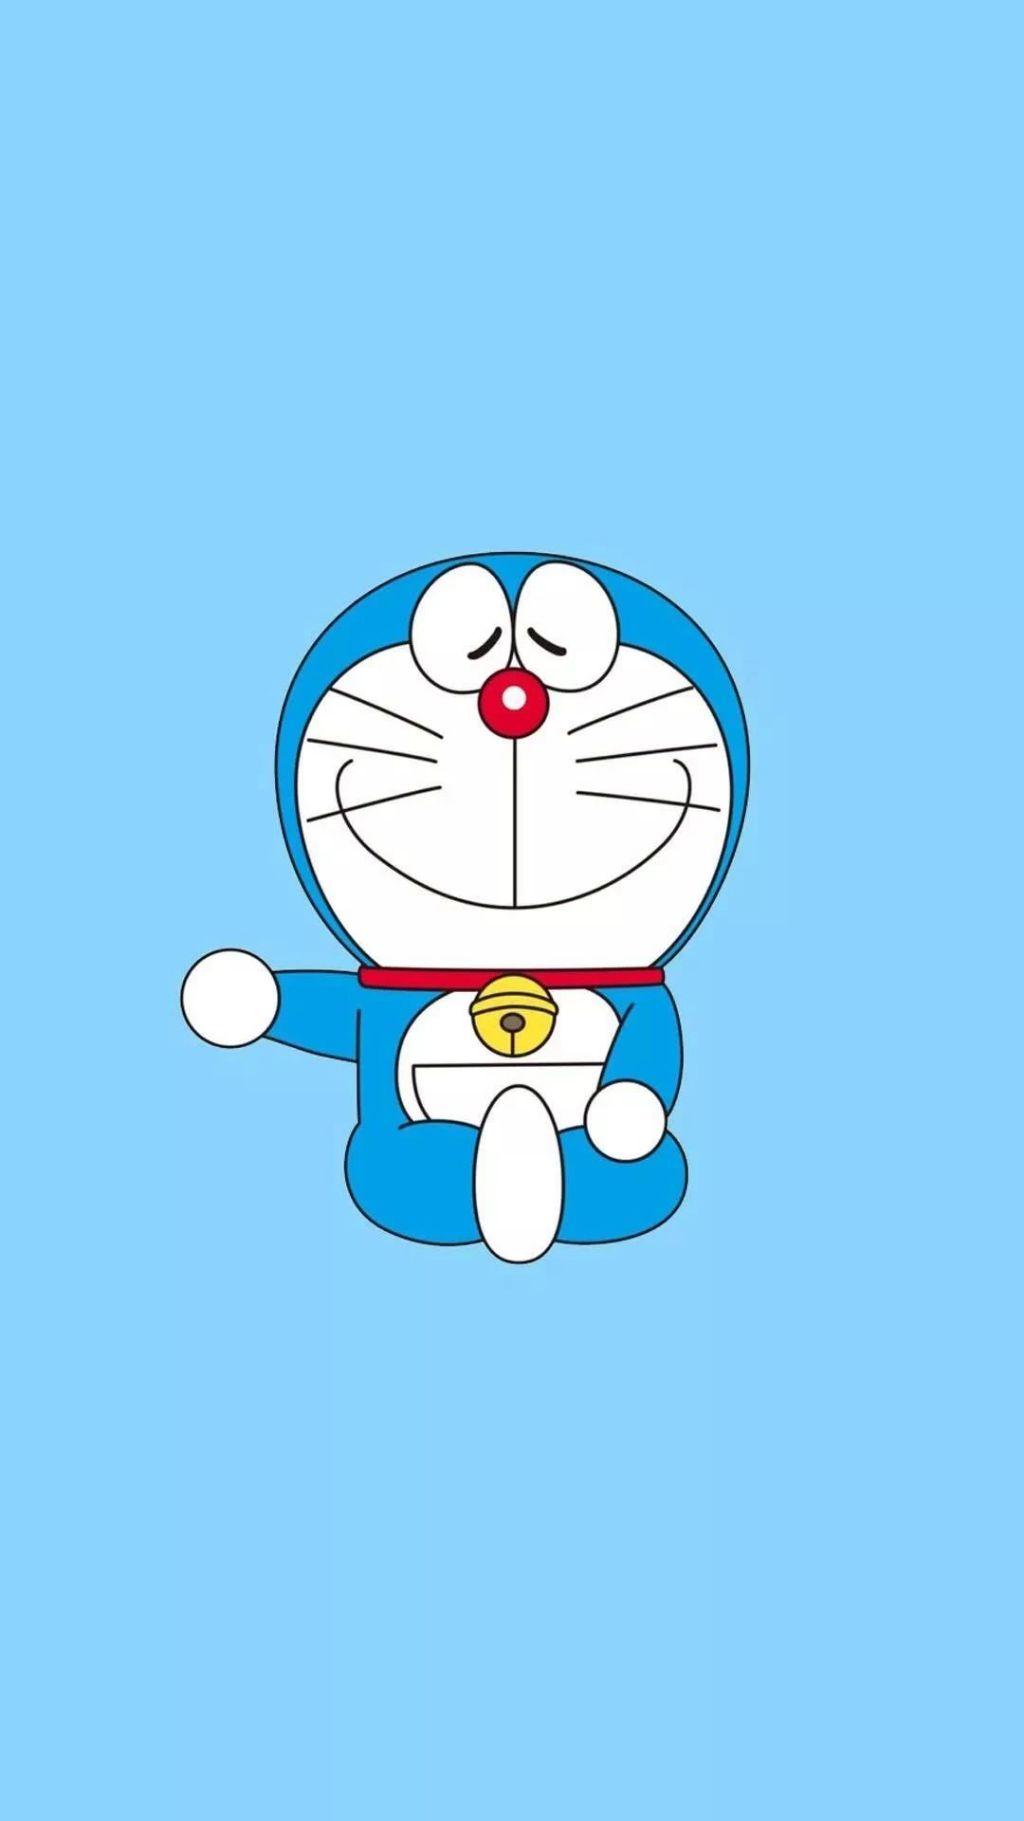 哆啦A梦壁纸:可爱哆啦A梦蓝胖子手机壁纸插图67